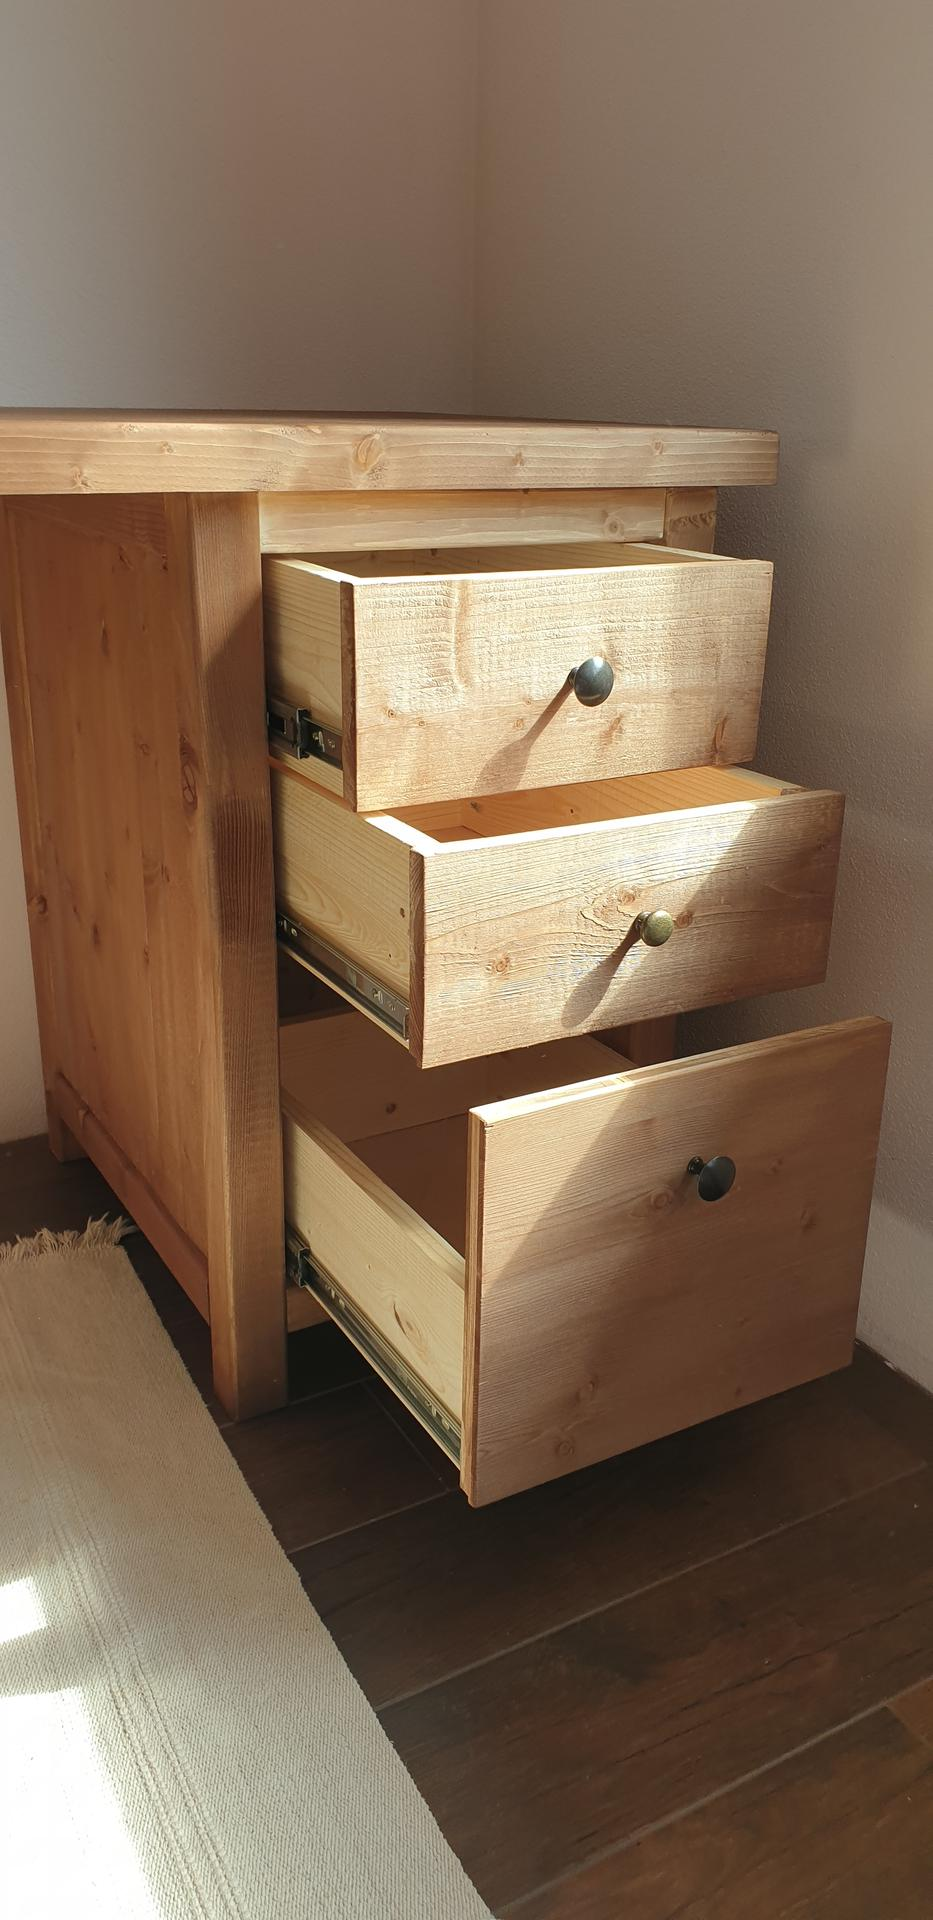 Drevo a veci okolo - Písací stolík do detskej izby. Materiál smrek. Doska skarovka 40mm.povrch na skúšku morený, ale pôjde na neho farba nakoniec. Dvierka ešte nie sú na zavesoch.